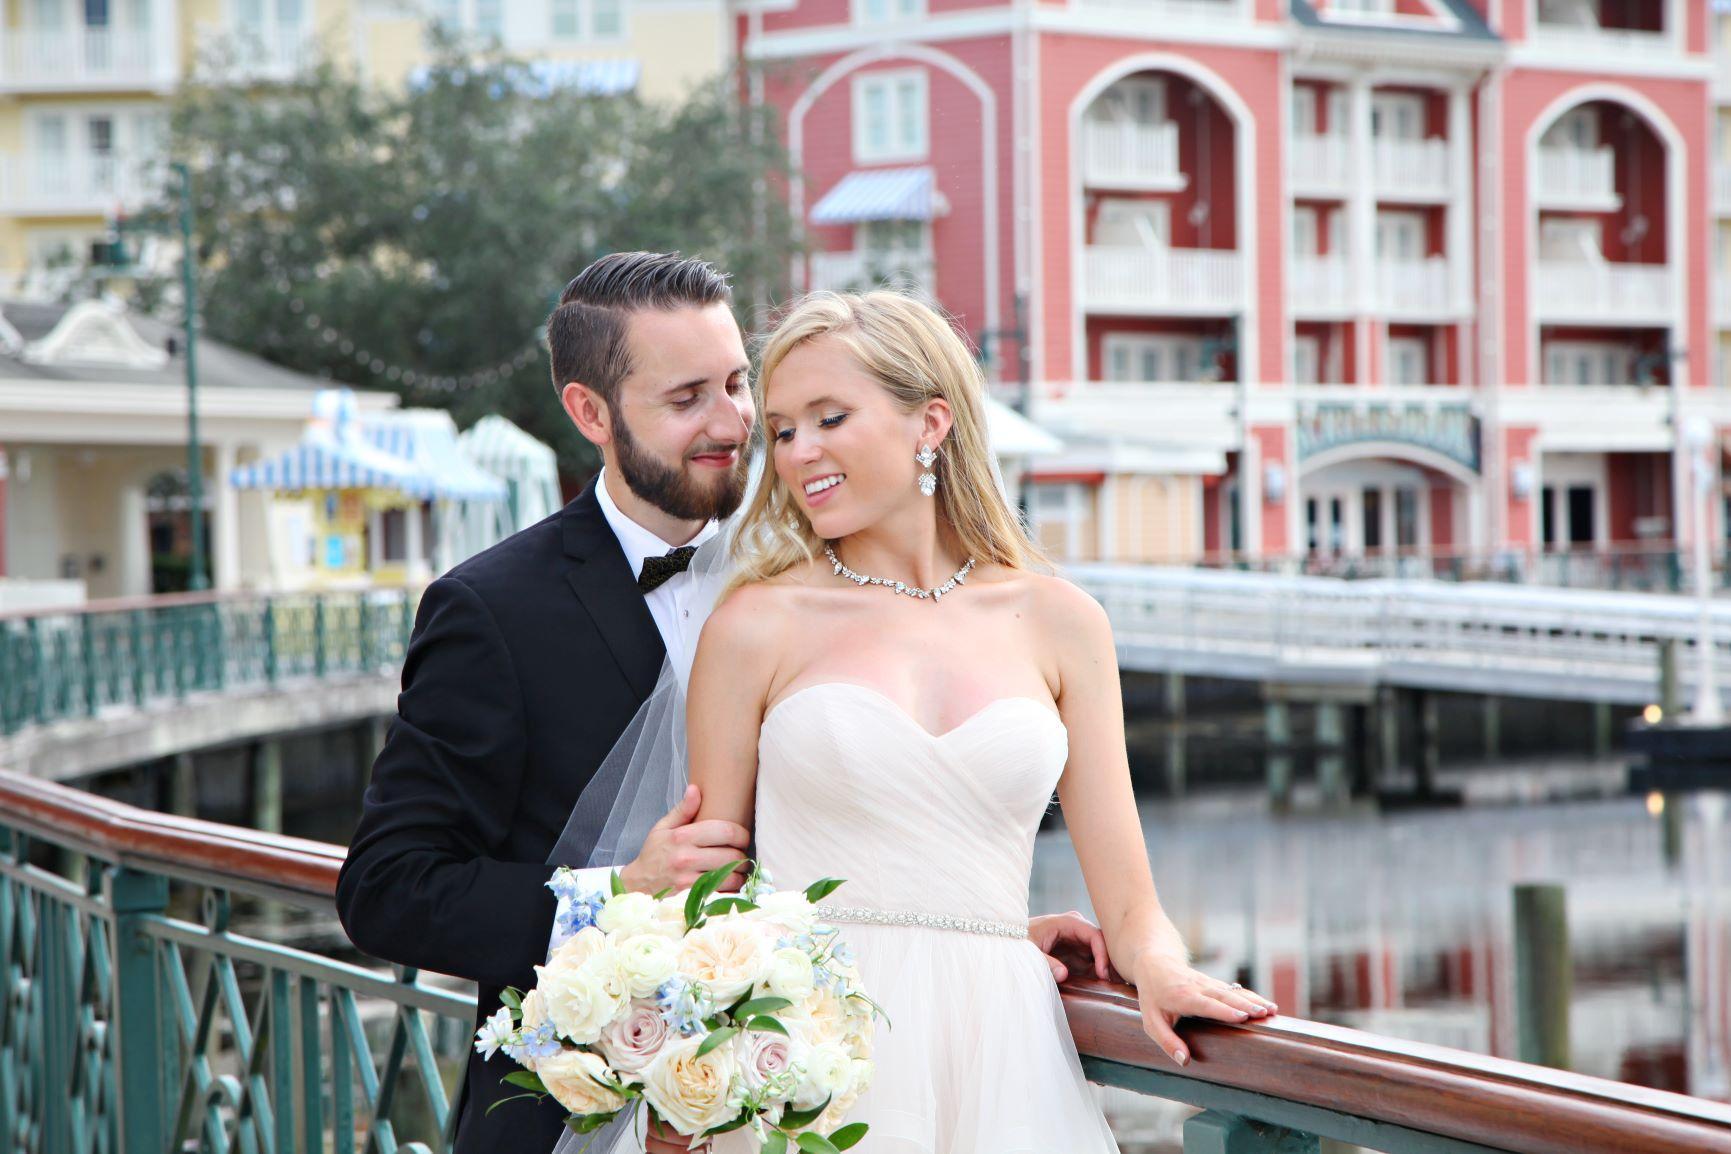 Sweet June Micro Wedding   Molly and Bo at Paddlefish Disney Springs